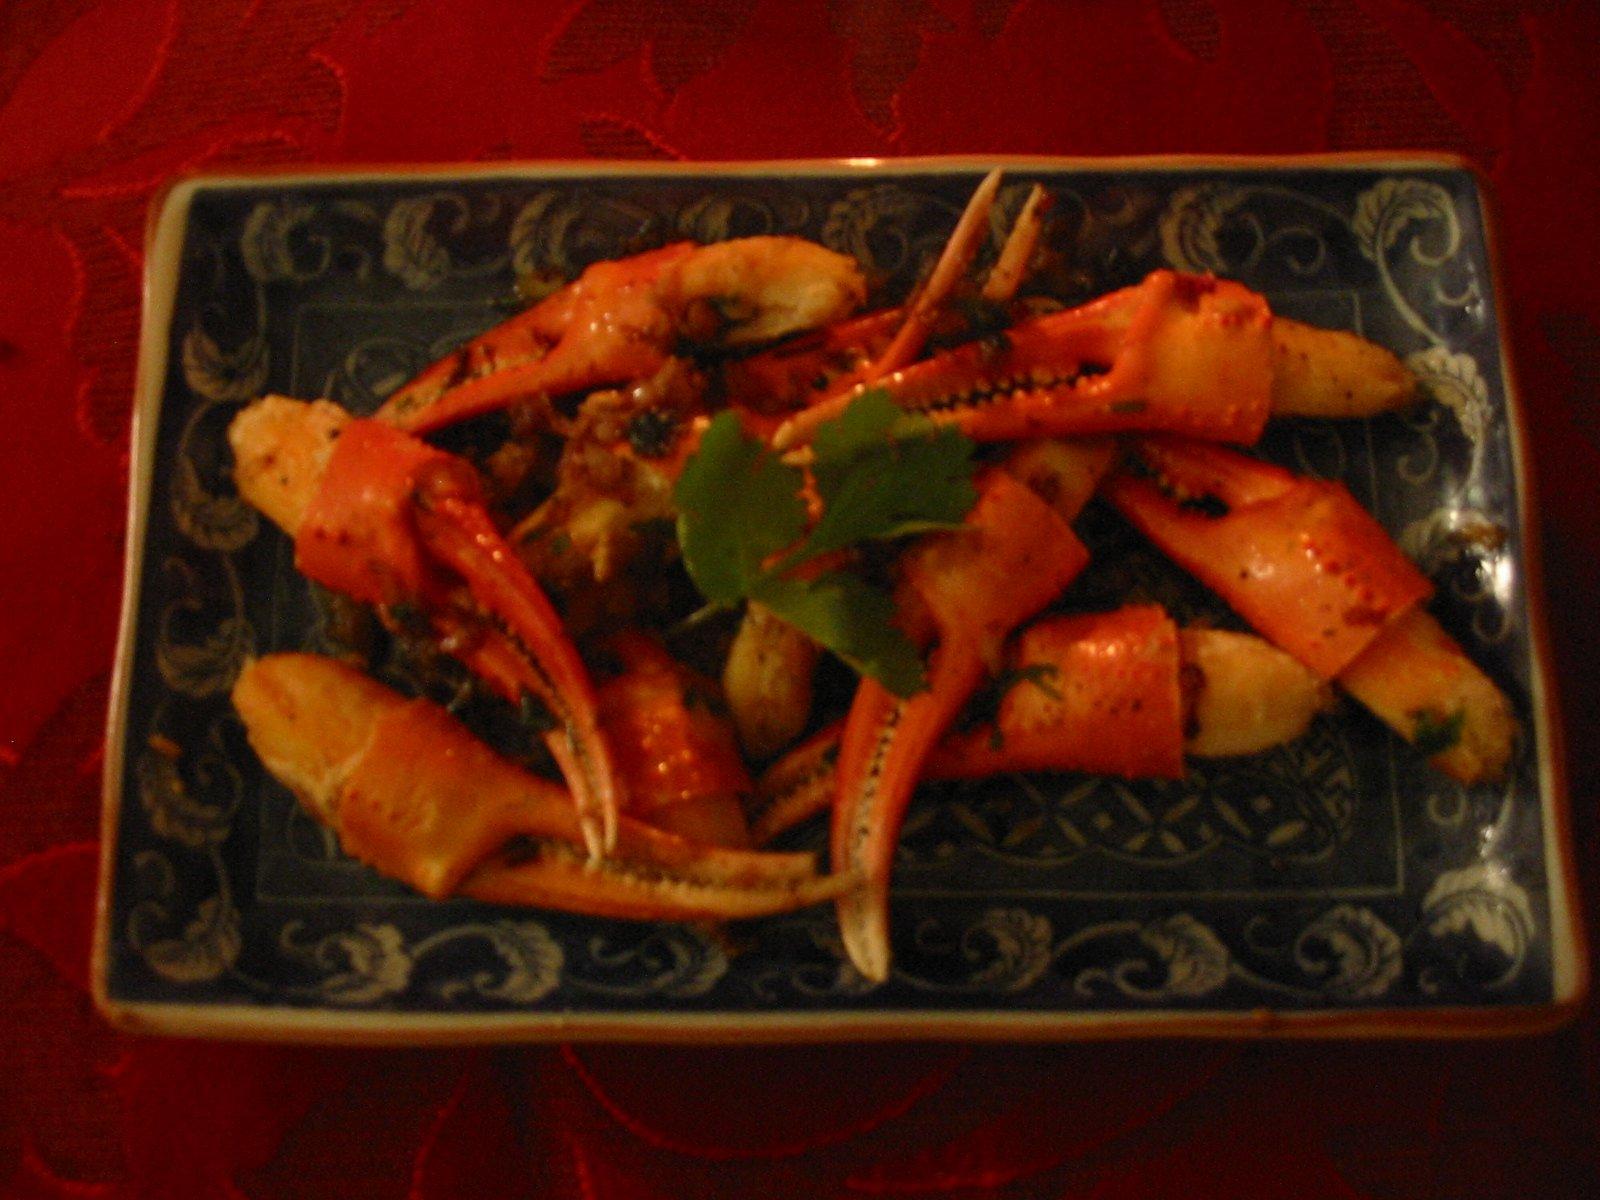 pinces de crabe piment es bonnes choses recettes de cuisine de france et du monde. Black Bedroom Furniture Sets. Home Design Ideas